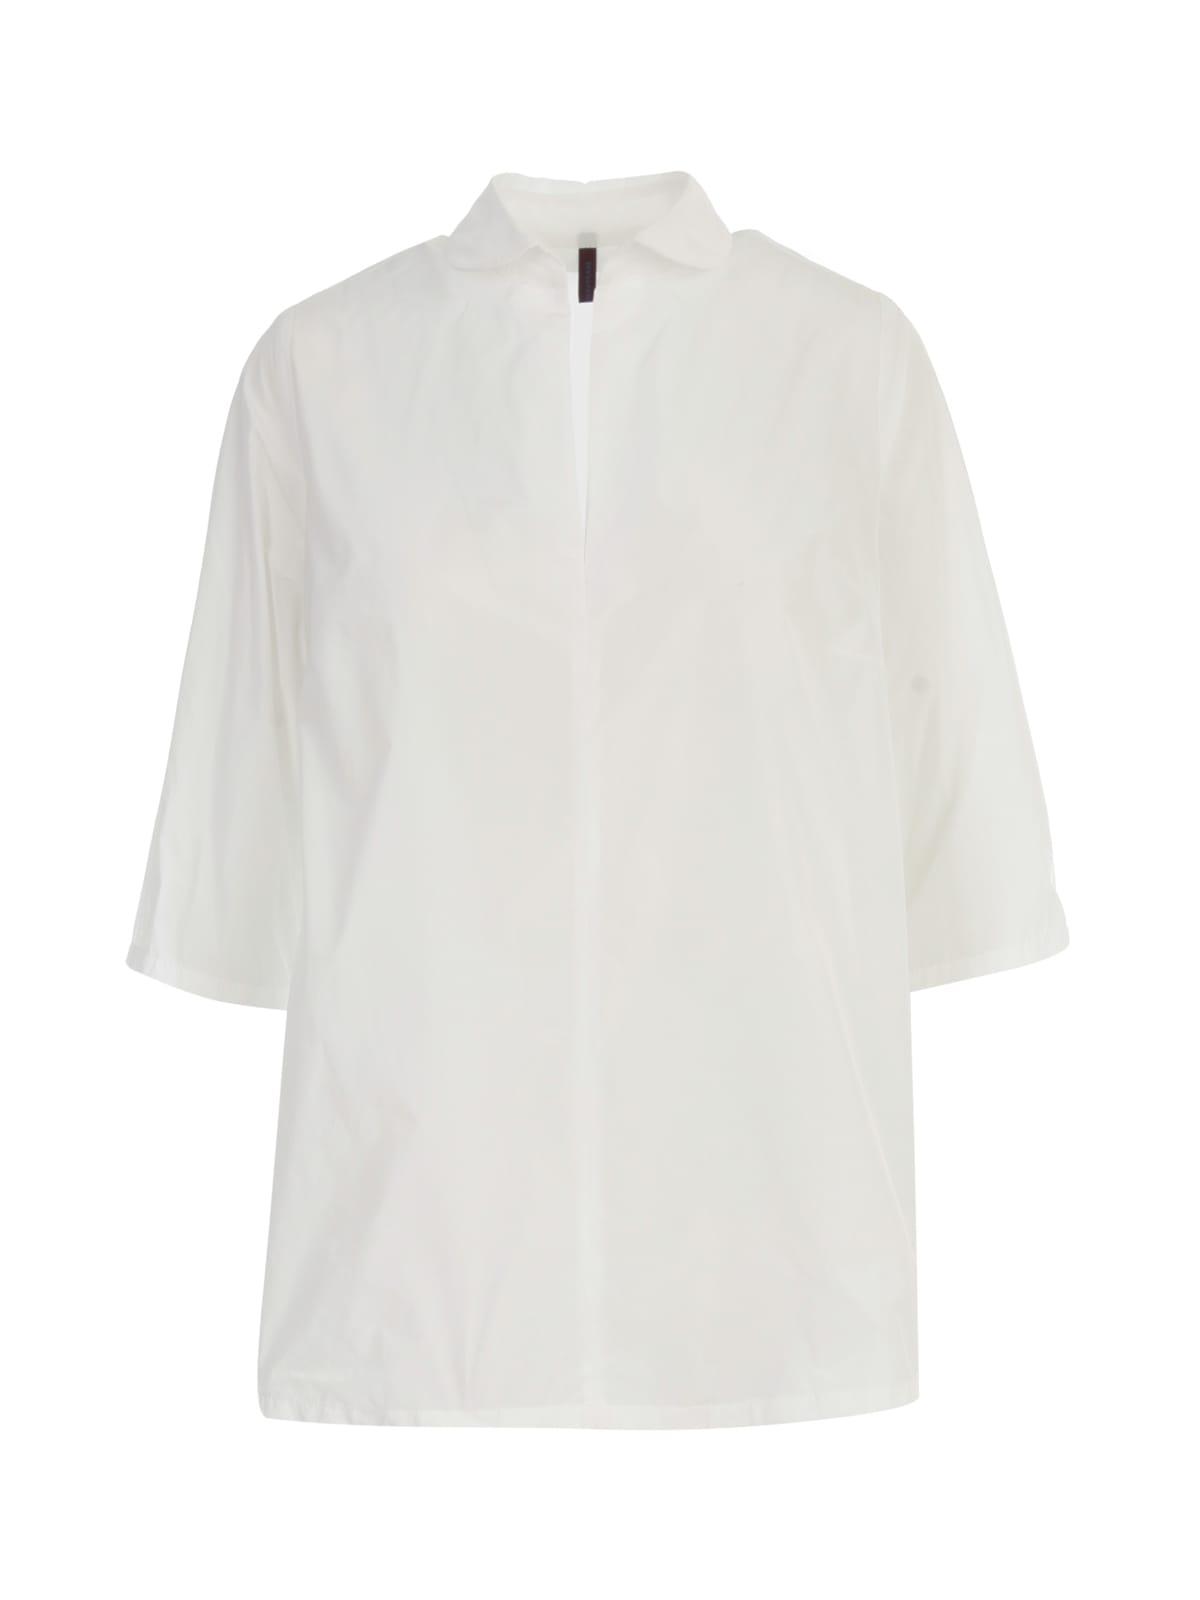 Oversized Open Neck 3/4s Shirt